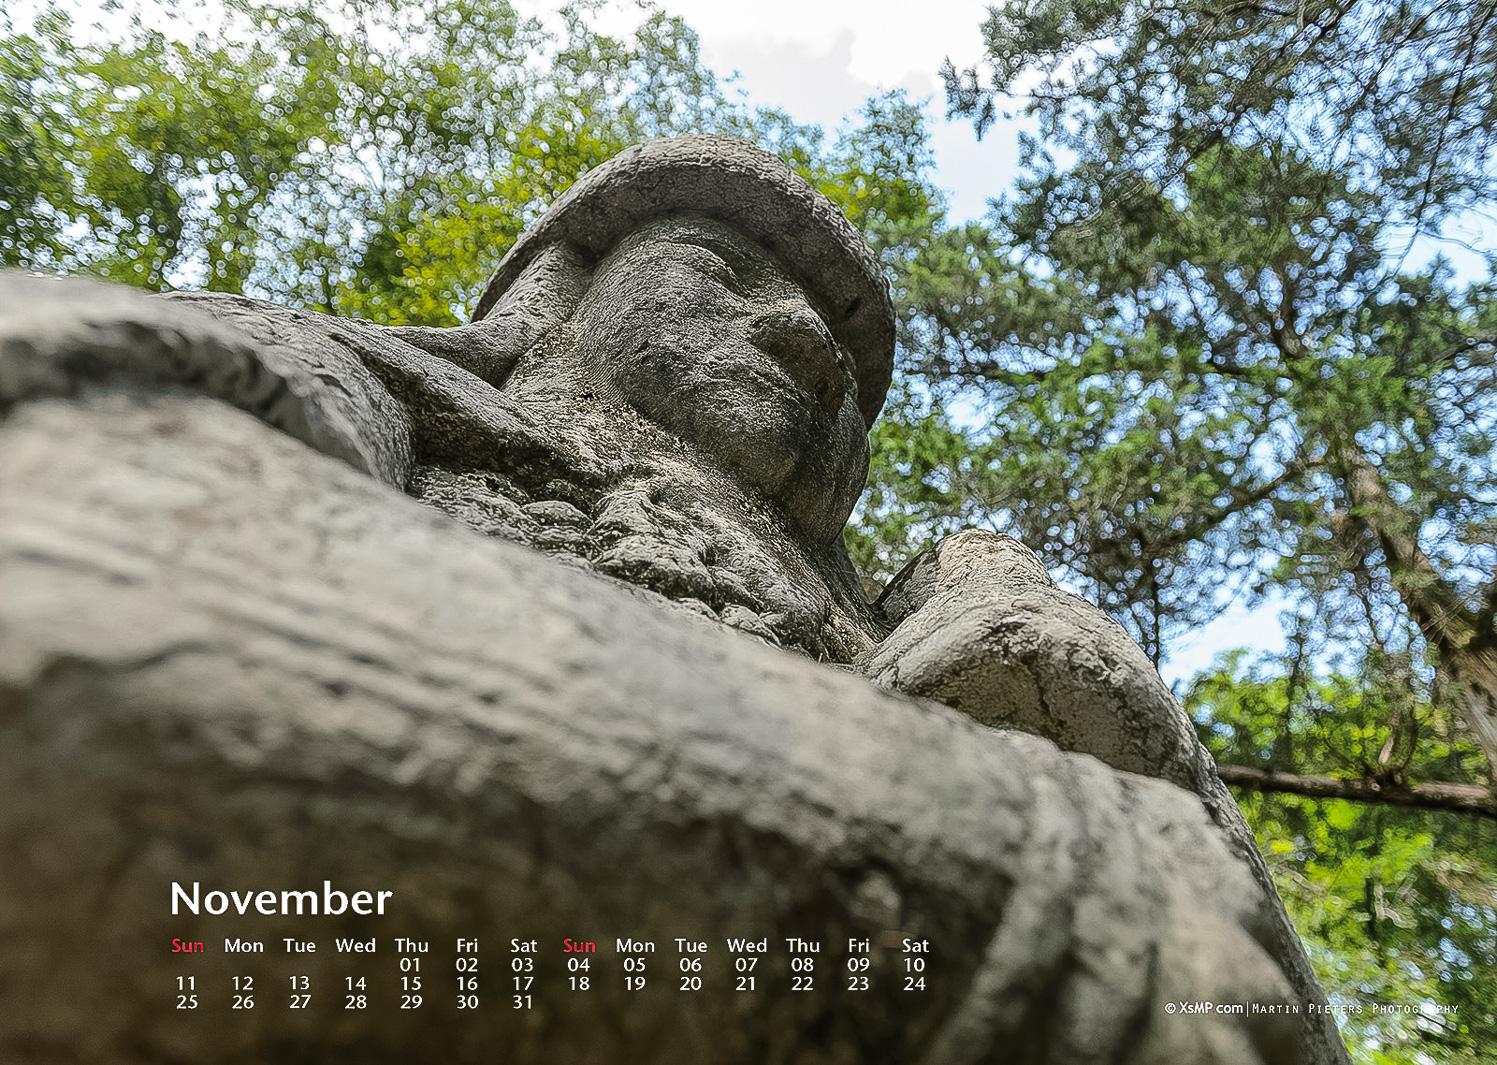 11_November18.jpg